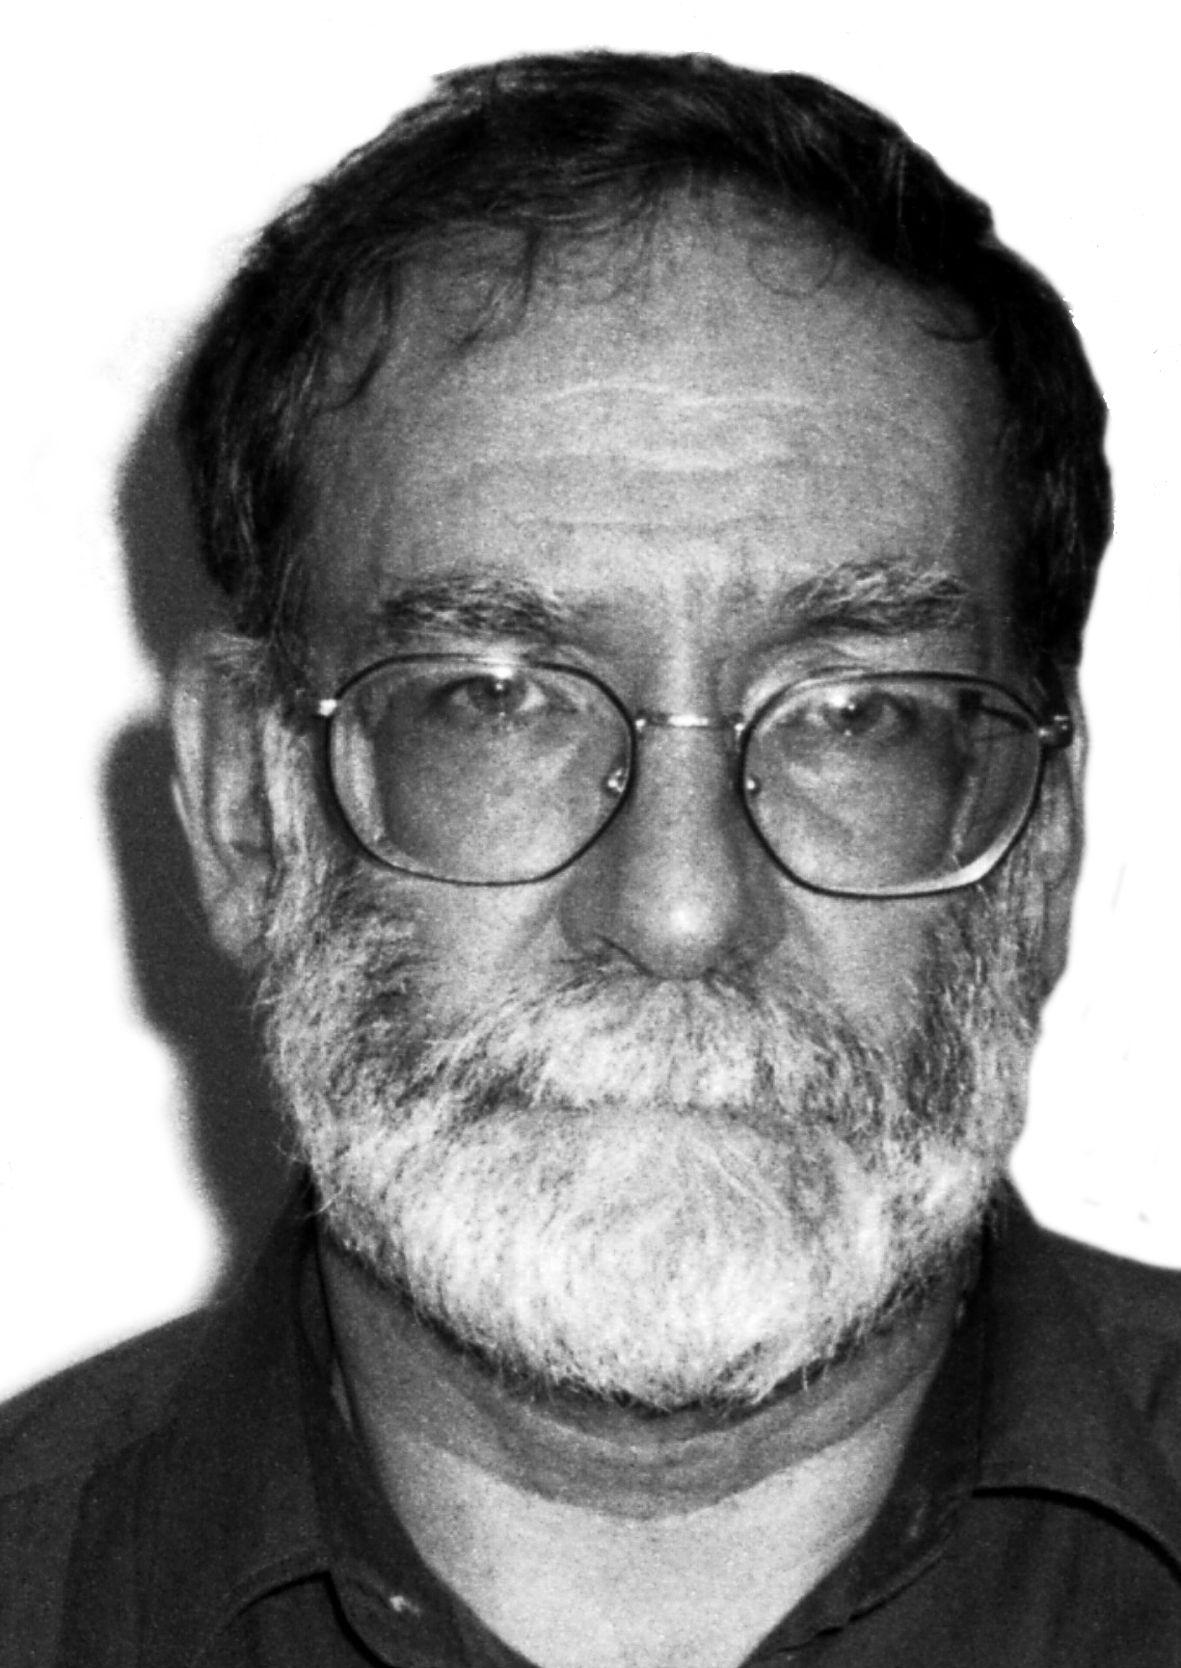 Największy seryjny morderca w historii Wielkiej Brytanii: Harold Shipman